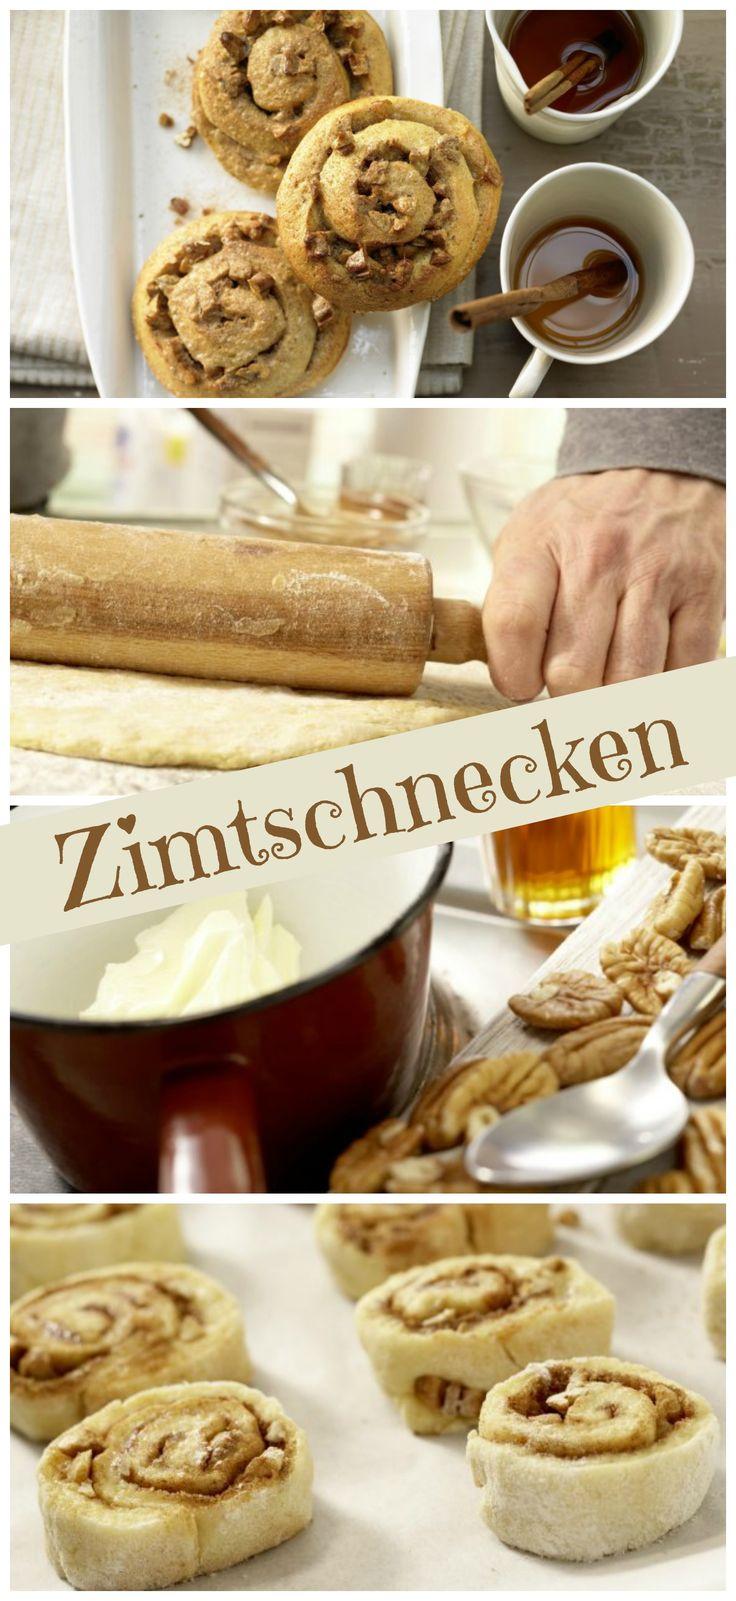 Der Teig wird dünn mit Ahornsirup bepinselt und mit Nüssen sowie Zimtzucker bestreut: Zimtschnecken mit Pecannüssen | http://eatsmarter.de/rezepte/zimtschnecken